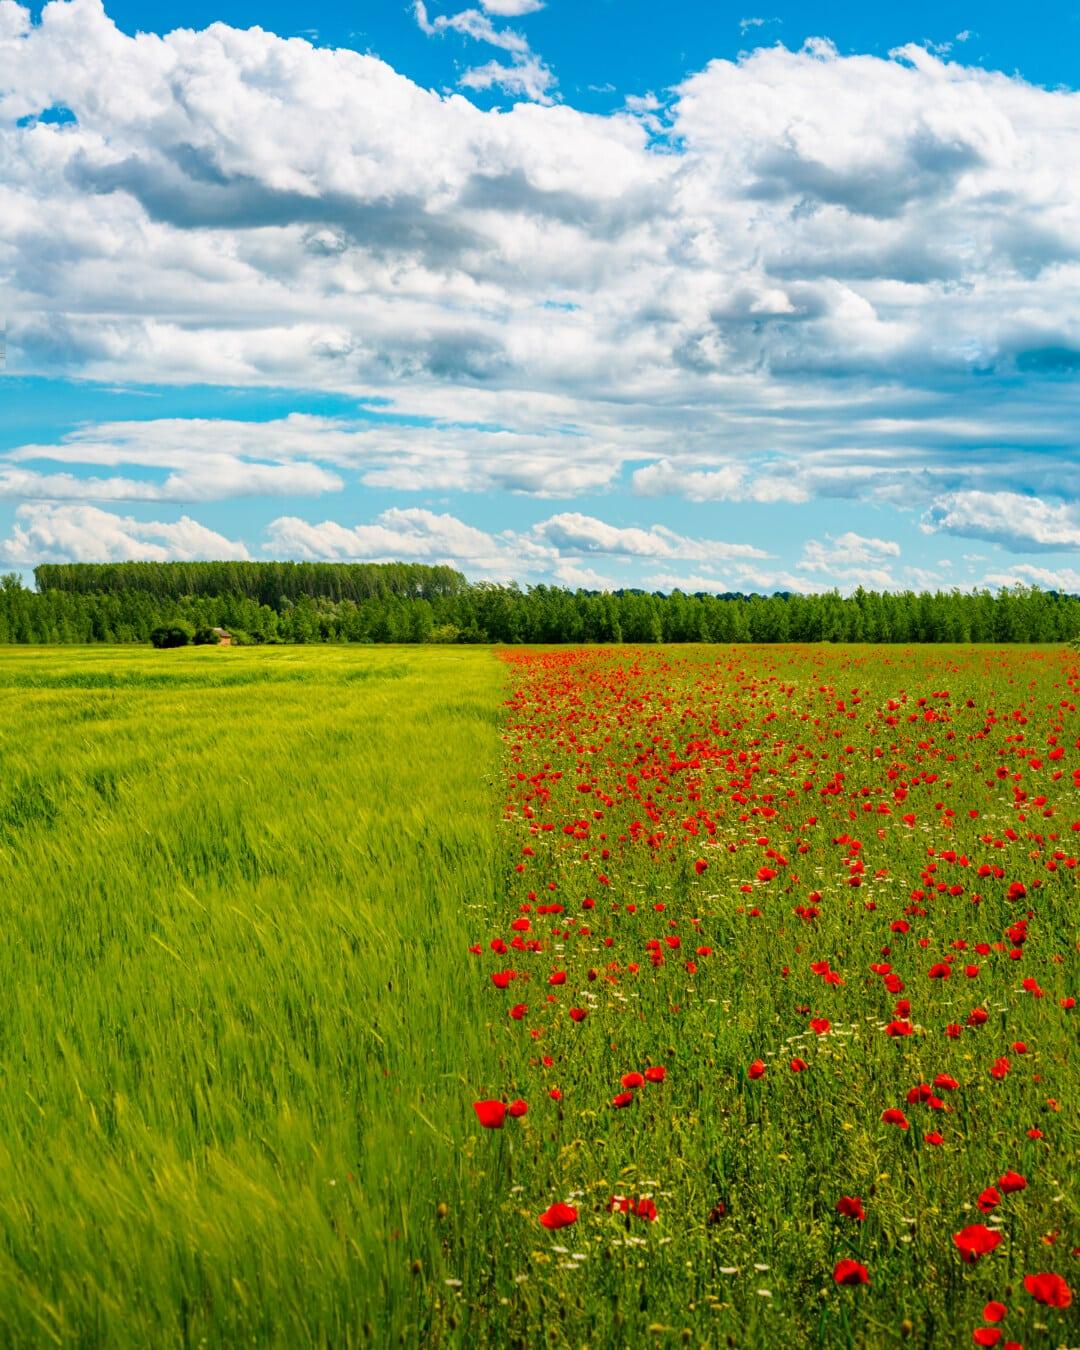 Weizenfeld, Feld, Landwirtschaft, Mohn, Blumen, Anlage, Natur, Landschaft, des ländlichen Raums, Gras